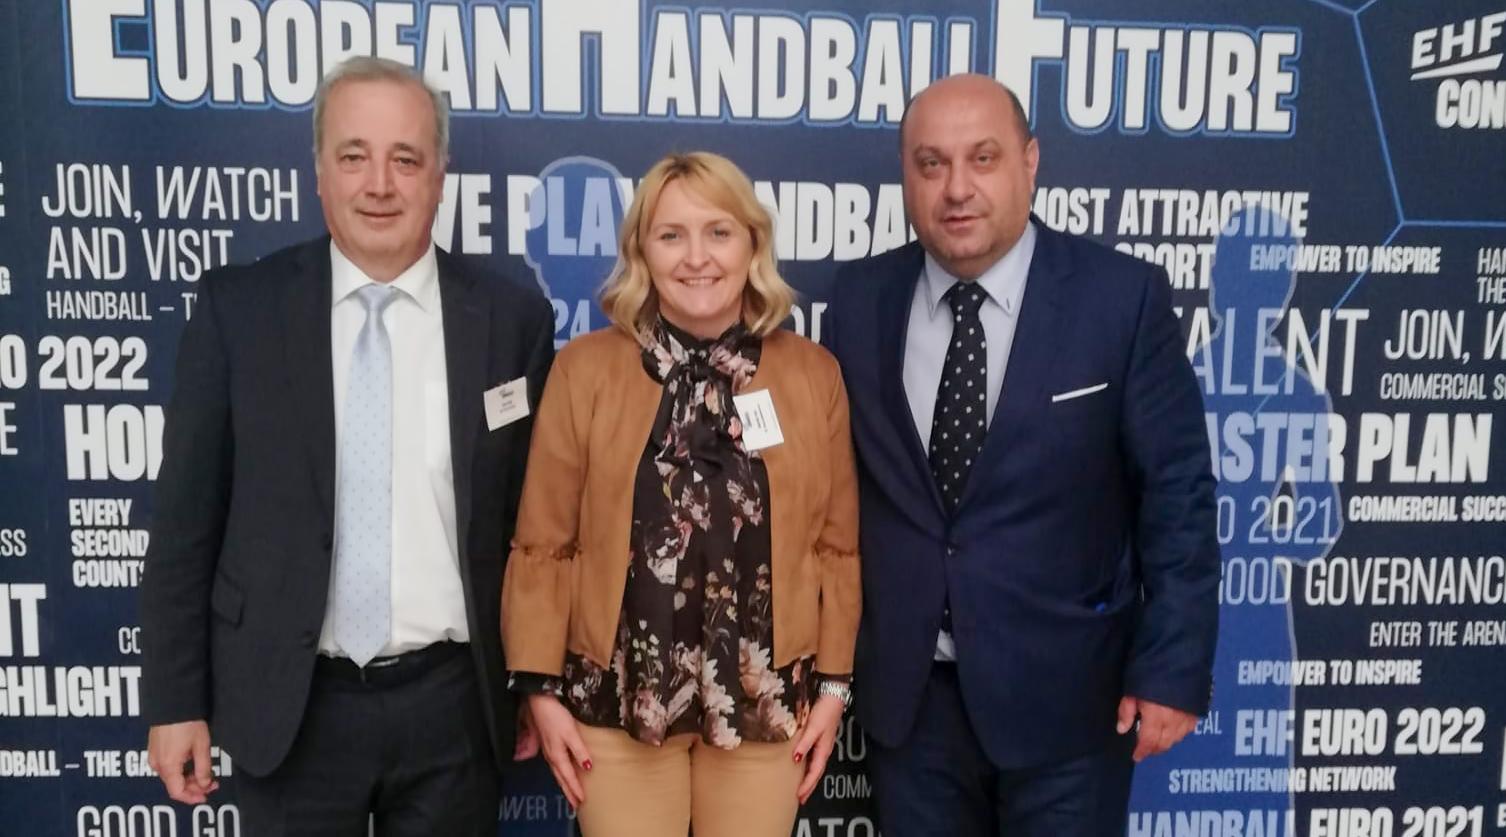 Trenutno pregledavate Kongres EHF-a: Dvije Hrvatice izabrane na dvije sjajne pozicije u EHF-u